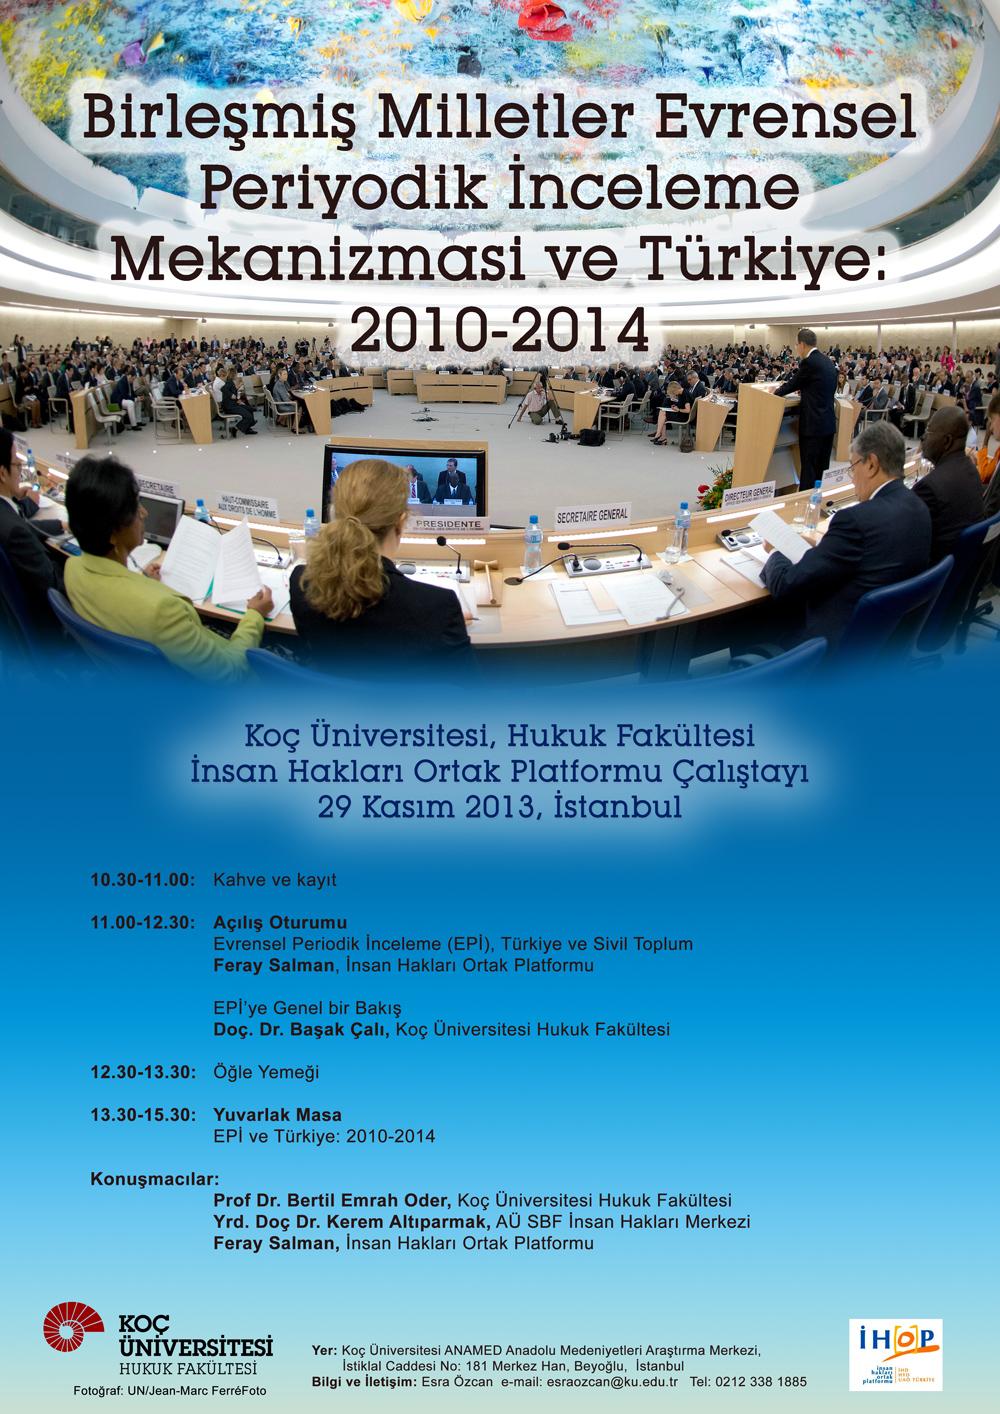 BM Evrensel Periodik İnceleme Mekanizması ve Türkiye Çalıştayı